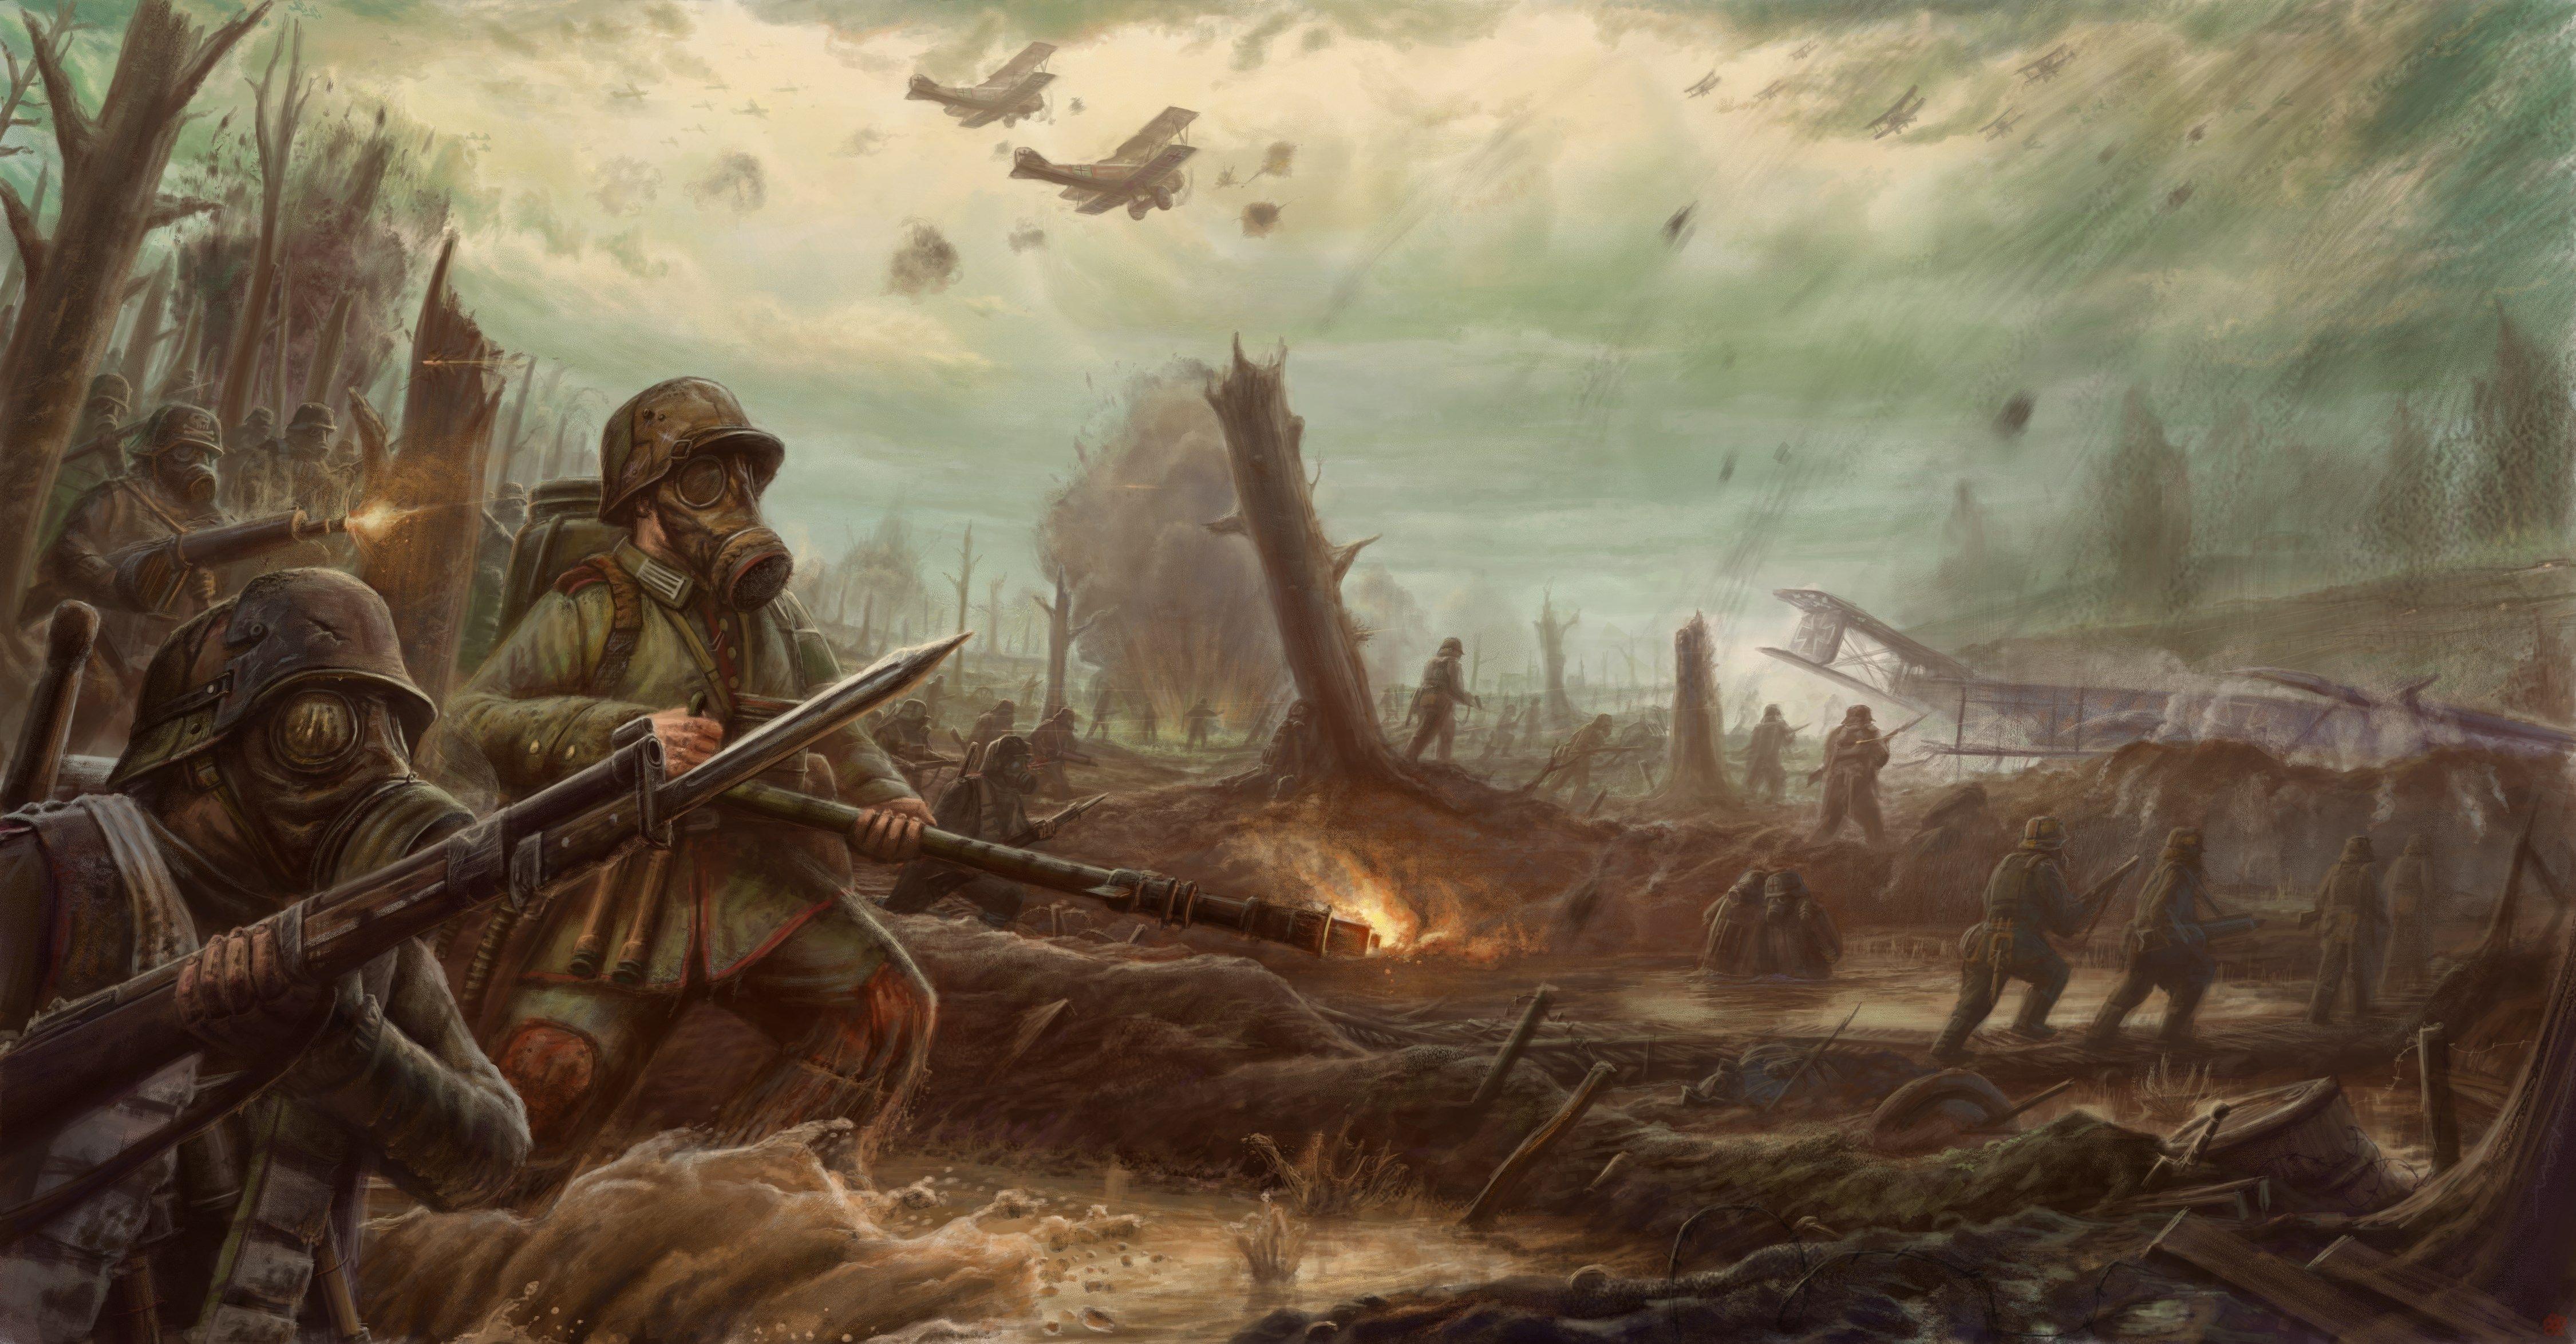 Soldier Wallpaper Hd Backgrounds Images Purcell Williams 2017 03 13 World War World War One War Art